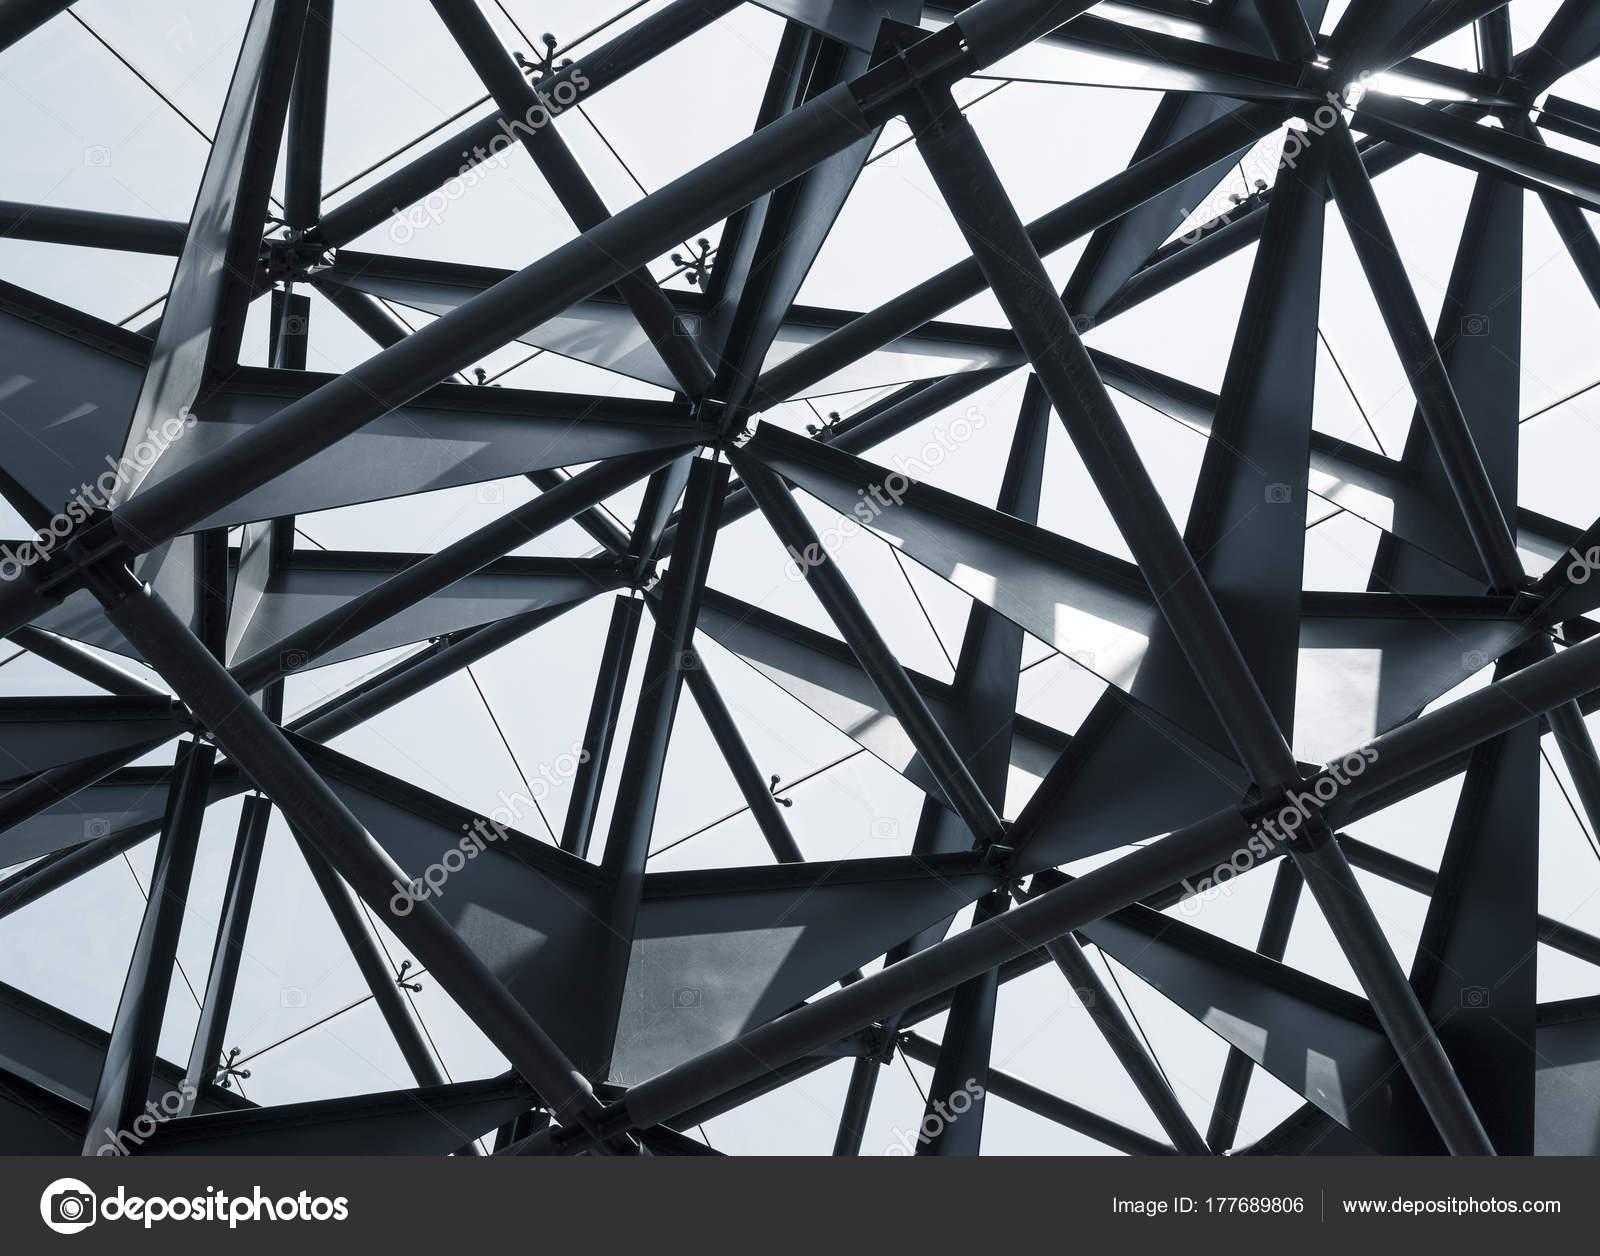 Resumen de arquitectura moderna del edificio de estructura de acero ...